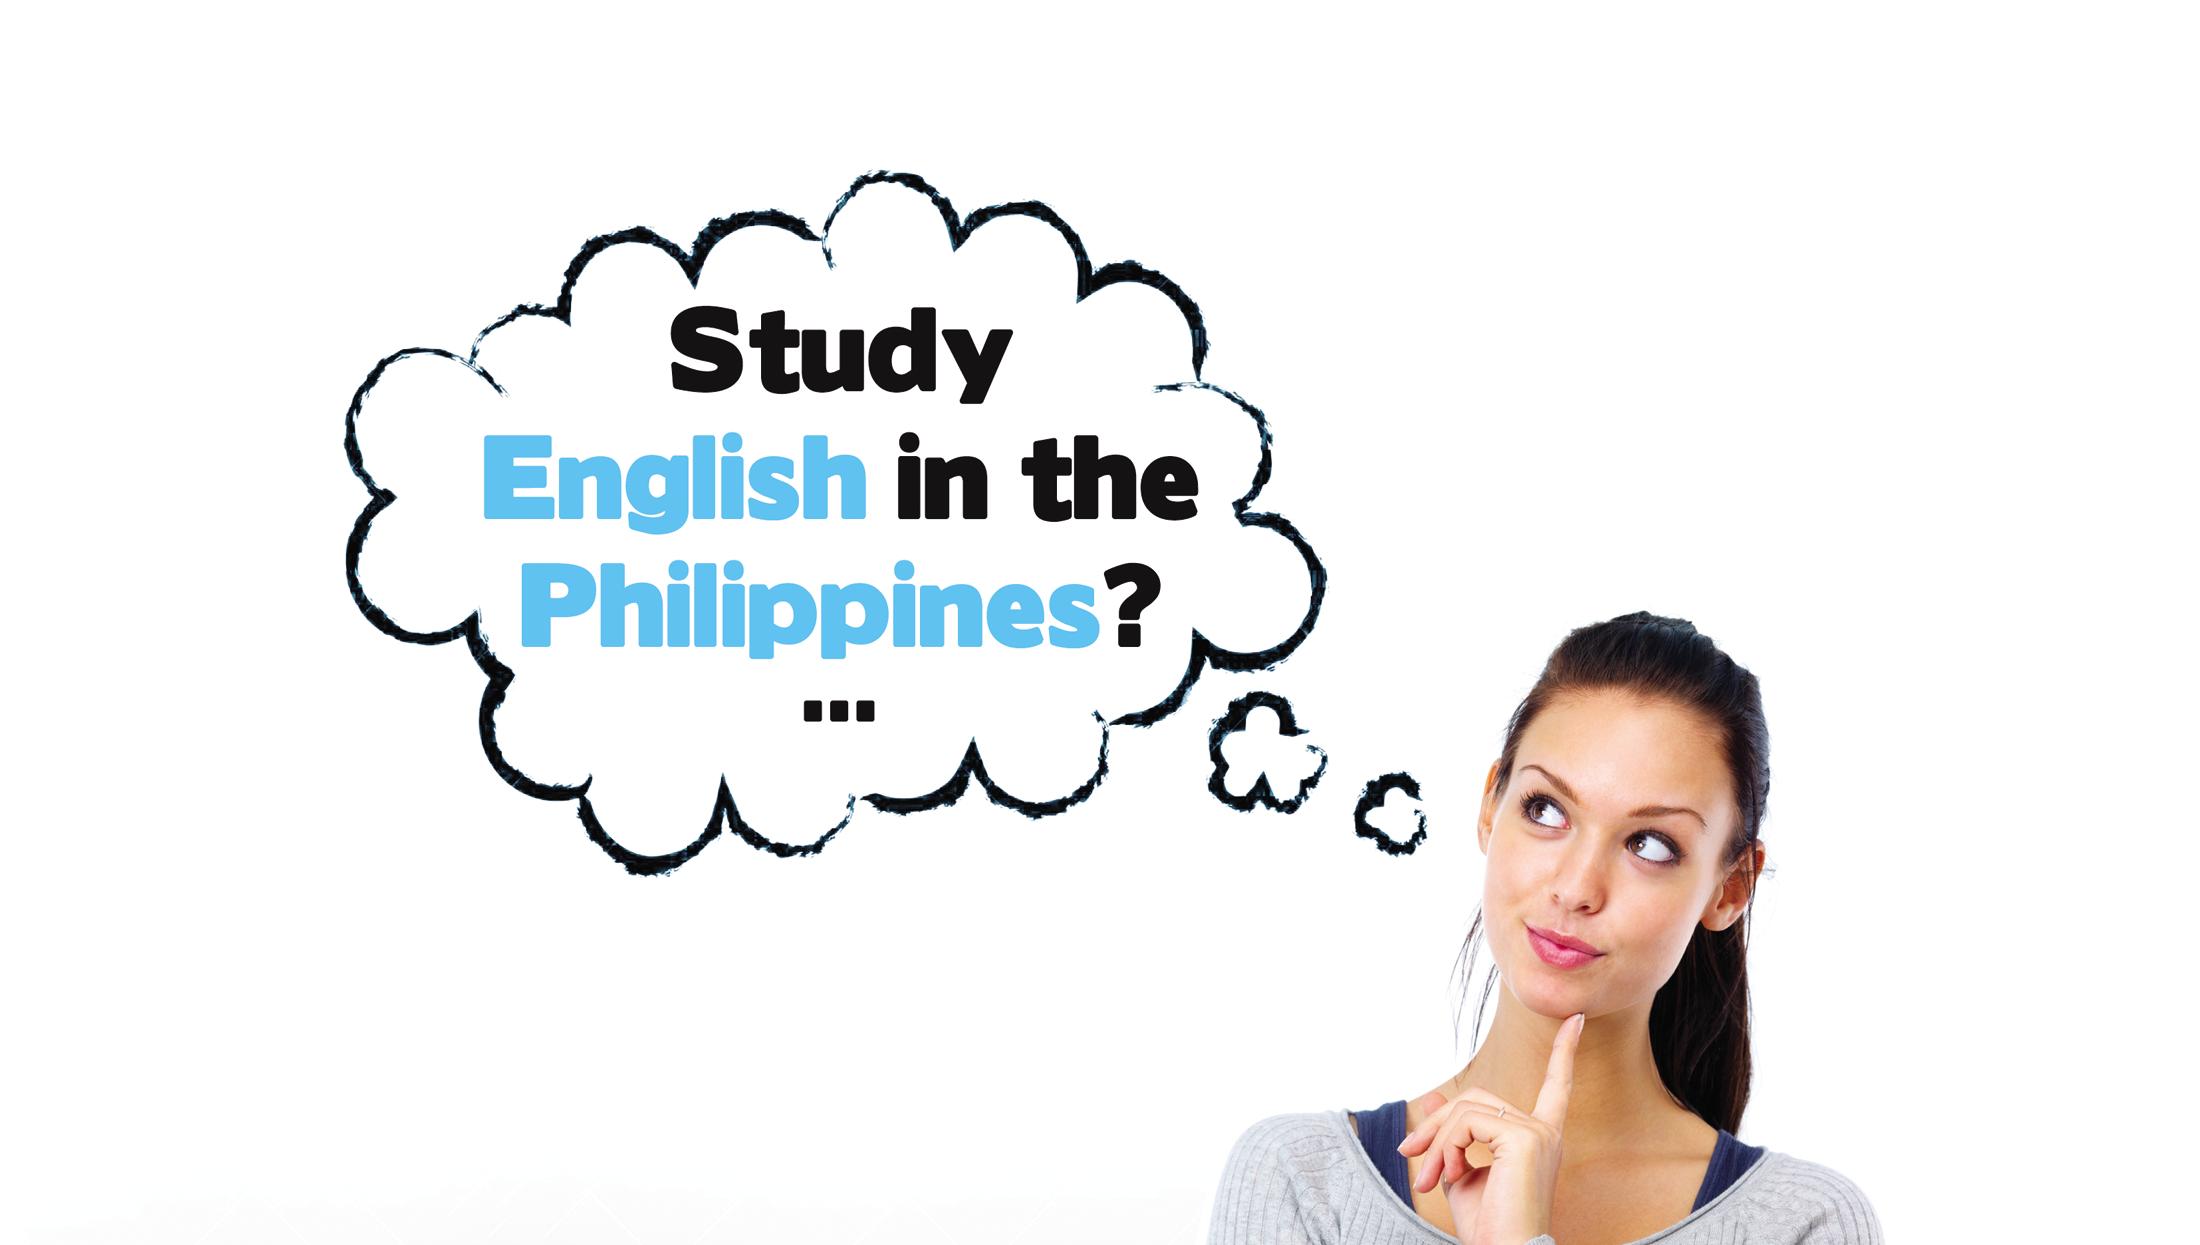 LÀN SÓNG DU HỌC TIẾNG ANH TẠI PHILIPINES VỀ VIỆT NAM